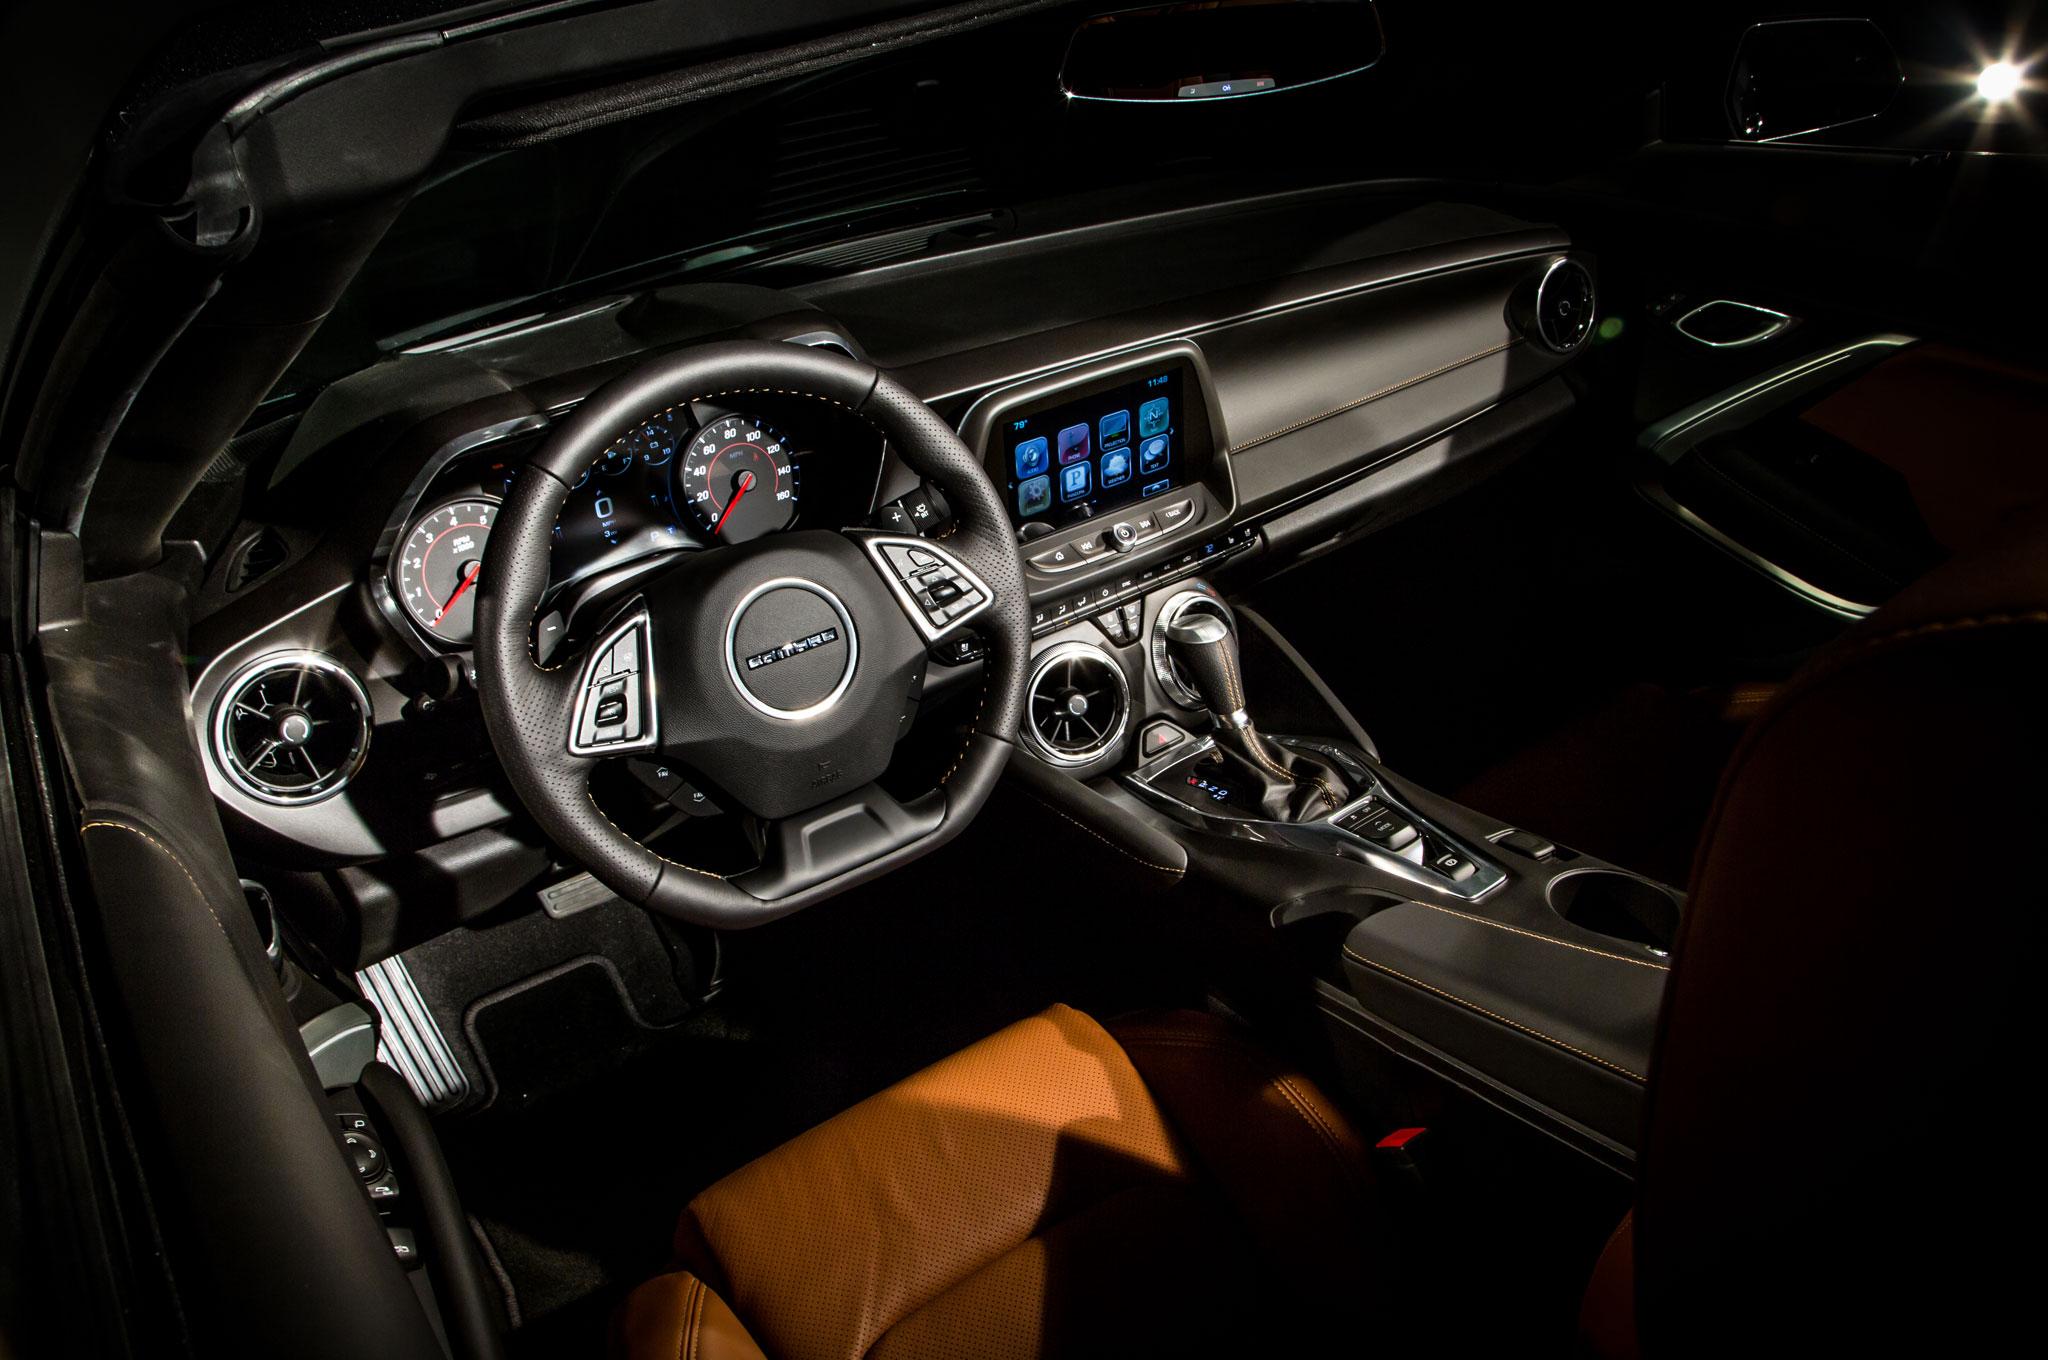 2016 Chevrolet Camaro Convertible Cabin 01